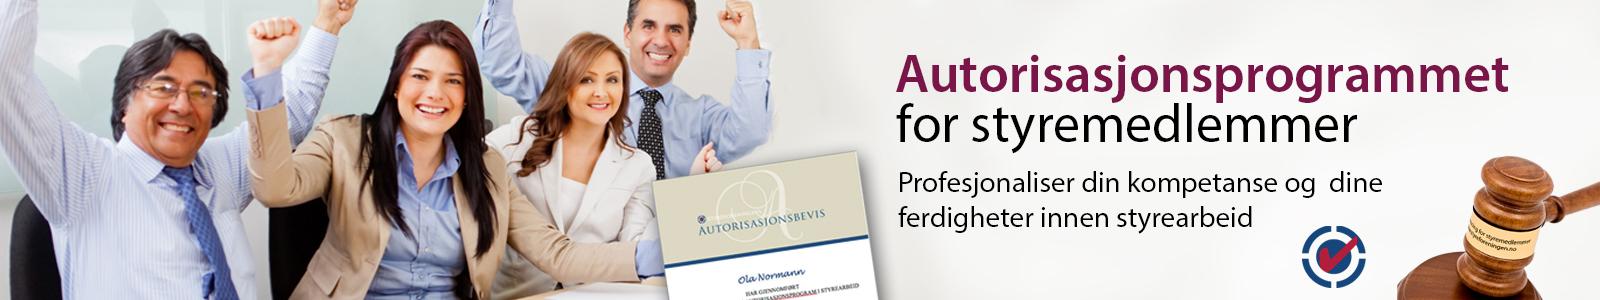 Autorisasjonsprogrammet